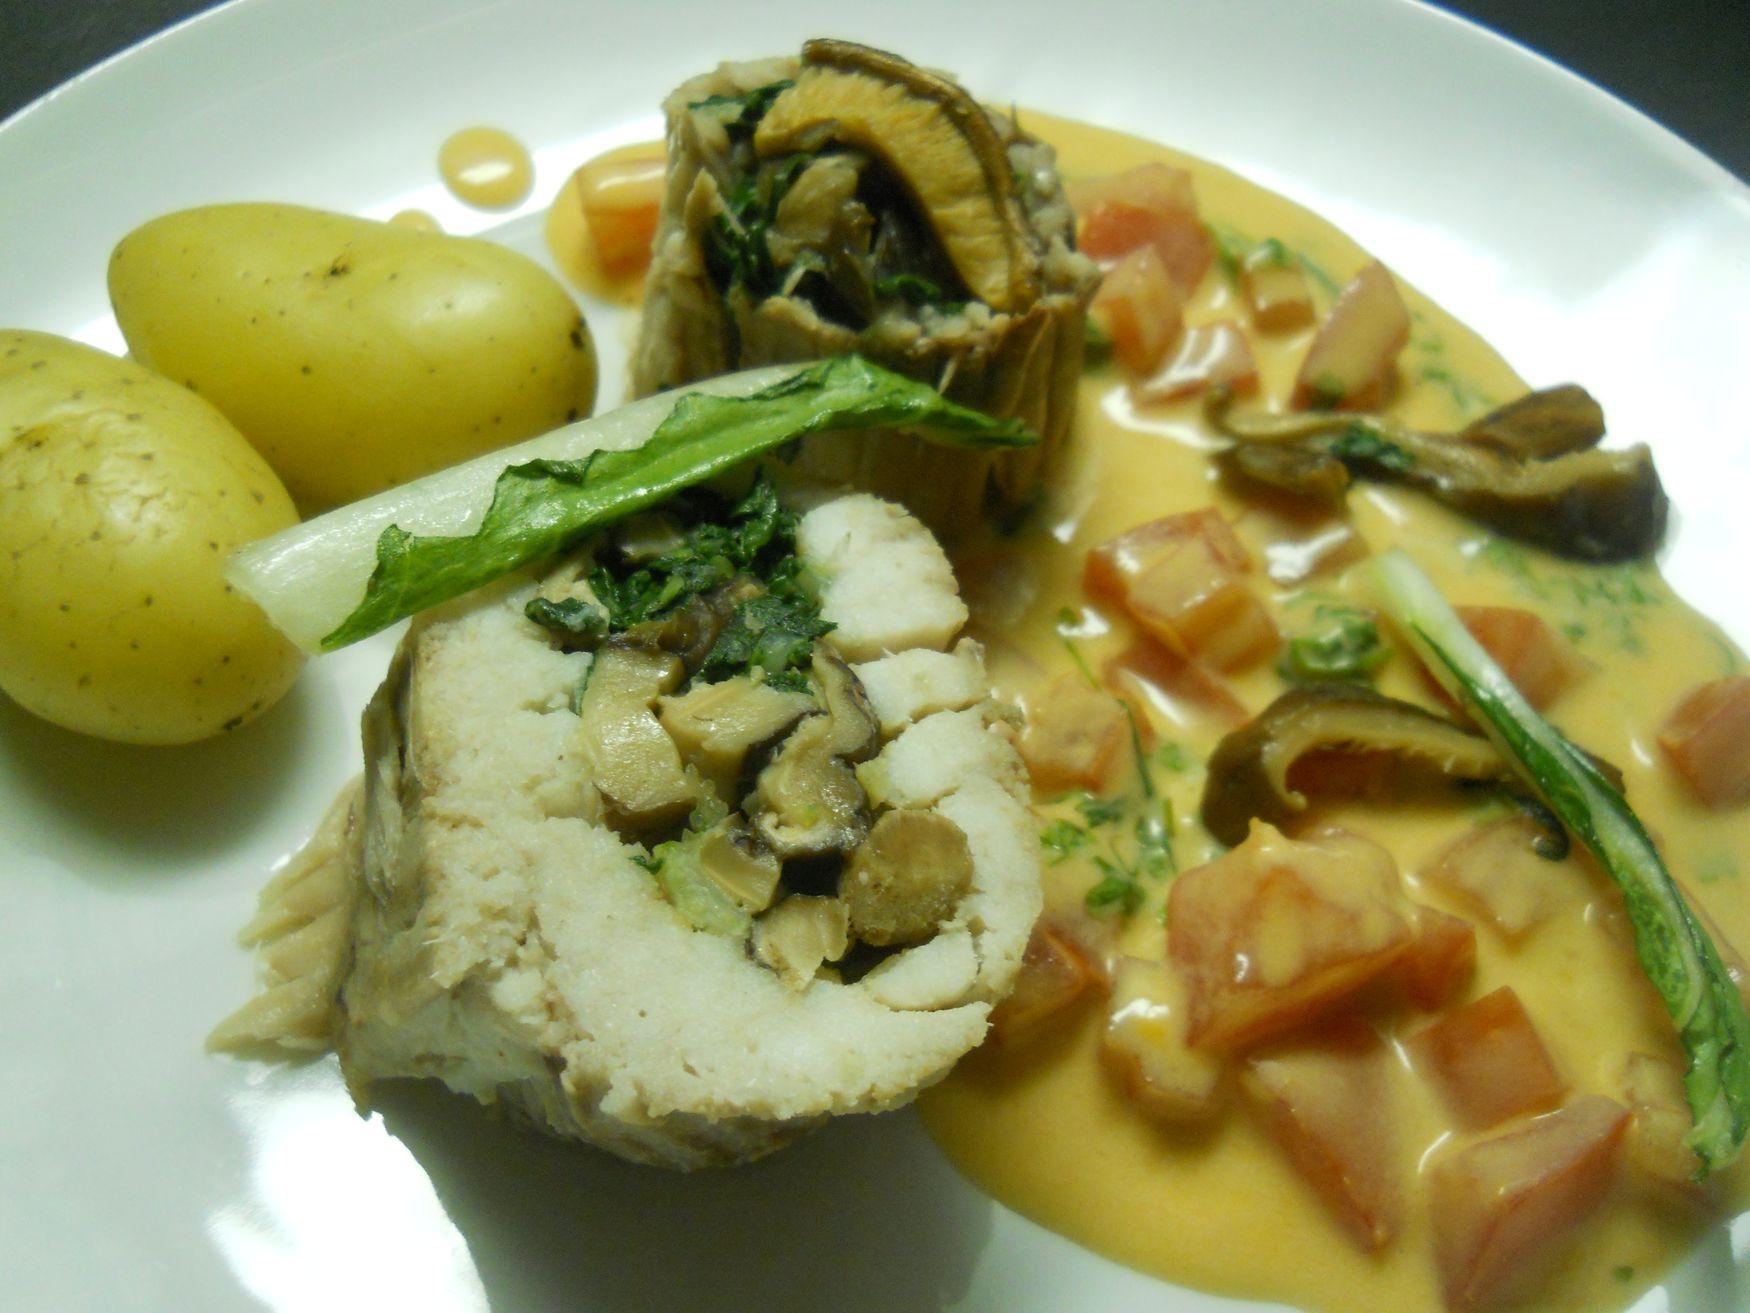 Poissons et crustac s mumukouski - Cuisiner ailes de raie ...